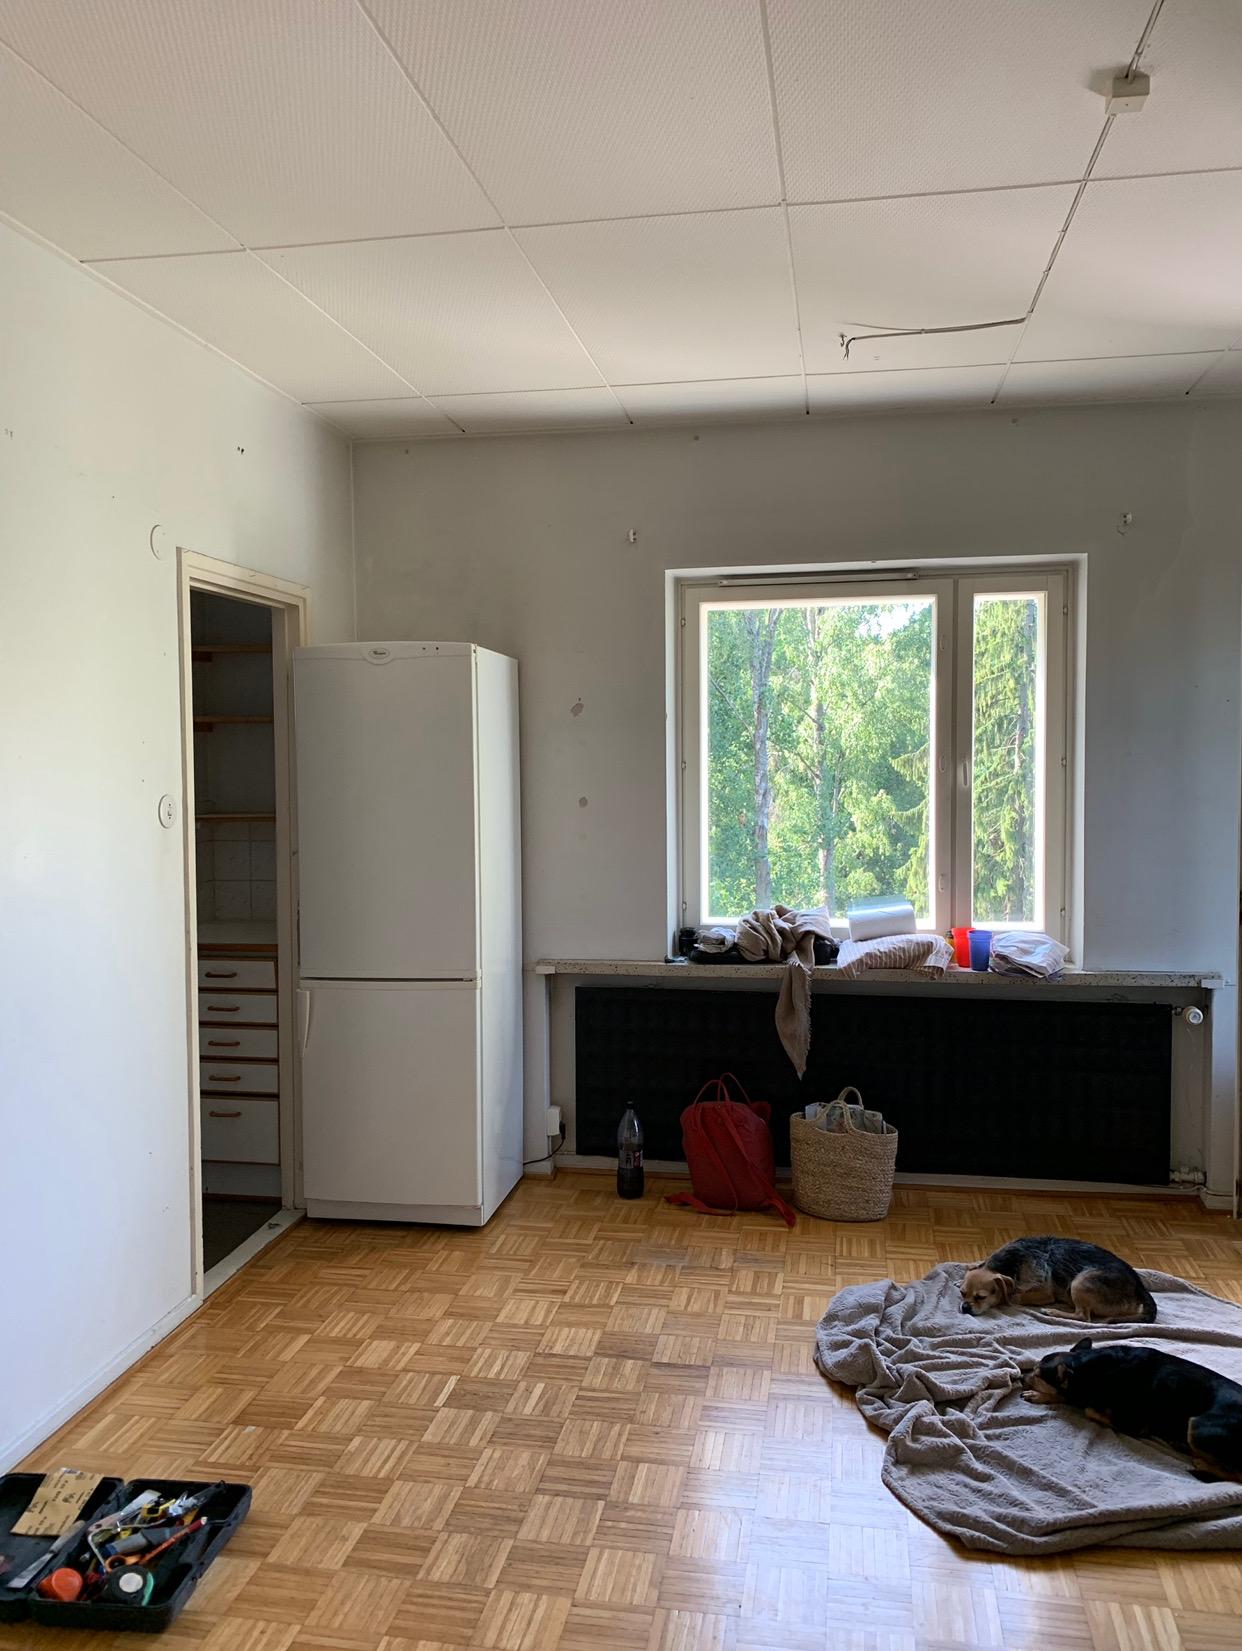 Näkymä olohuoneesta ennen remonttia.